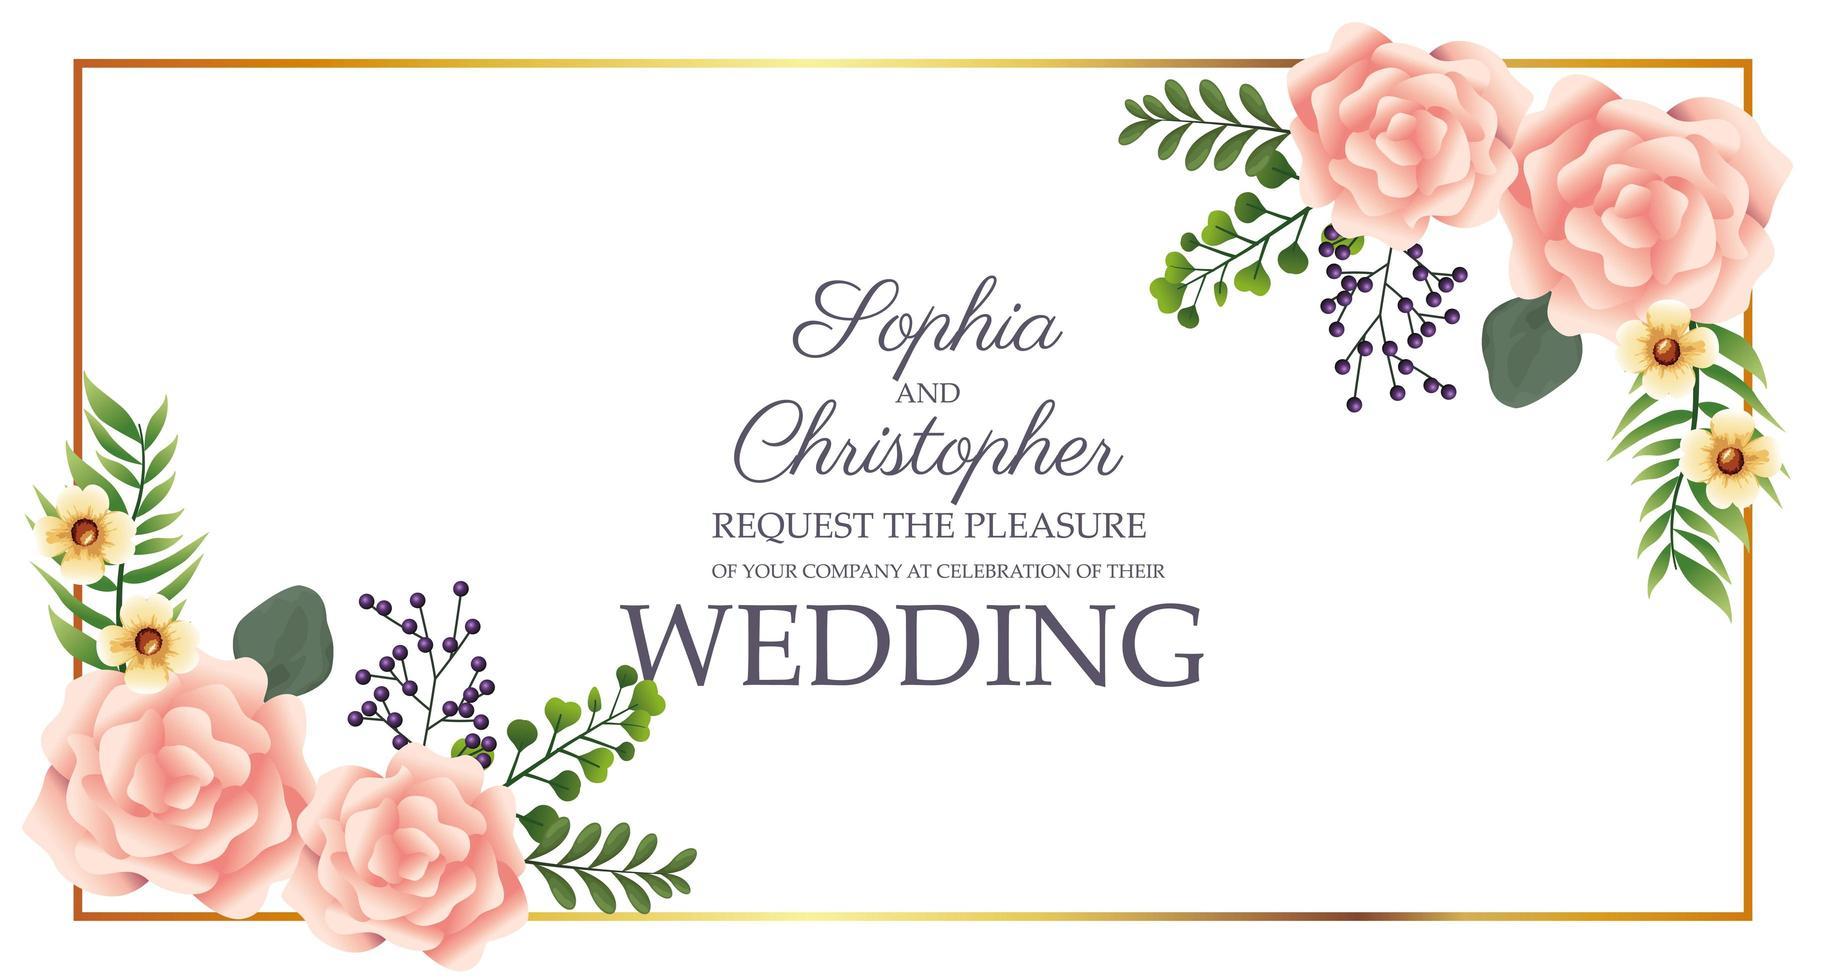 invito a nozze con disegno floreale angolo vettore